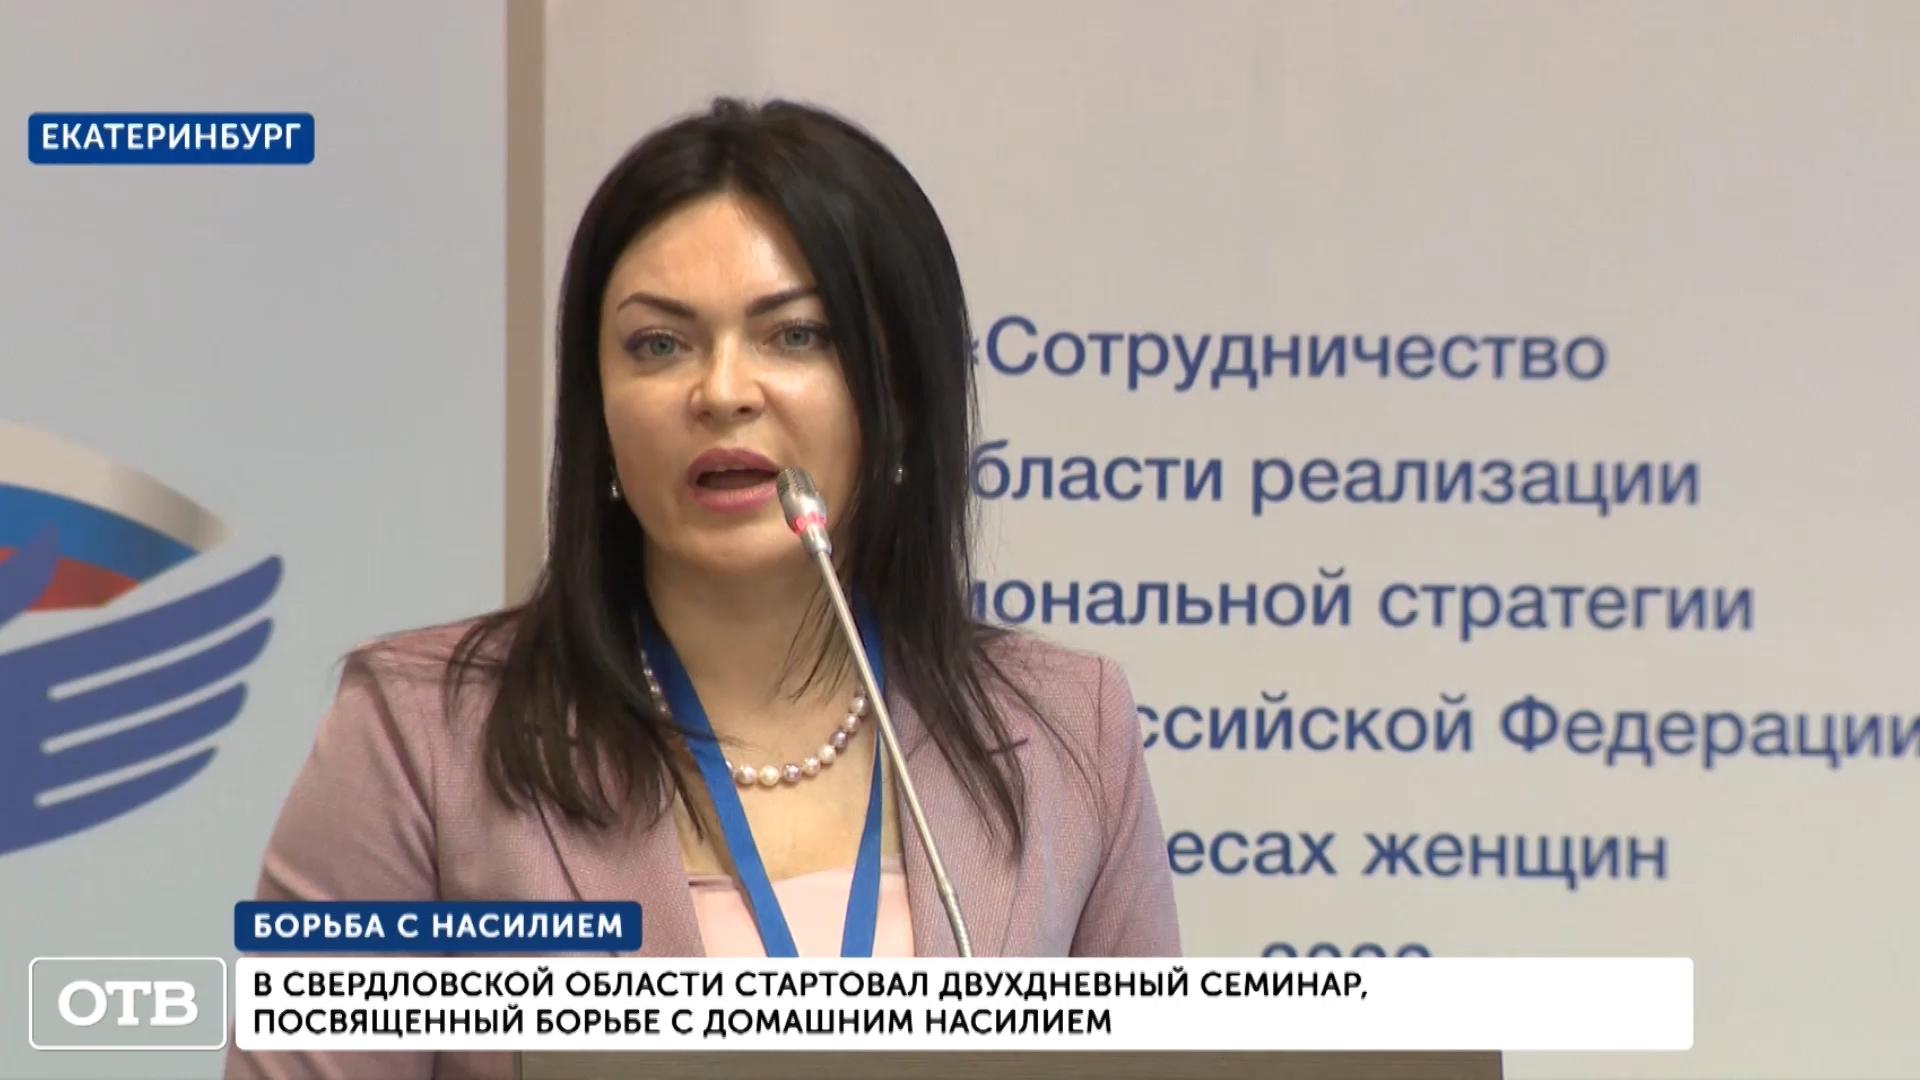 20200218_20-02-В Екатеринбурге стартовал двухдневный семинар по борьбе с домашним насилием-pic12